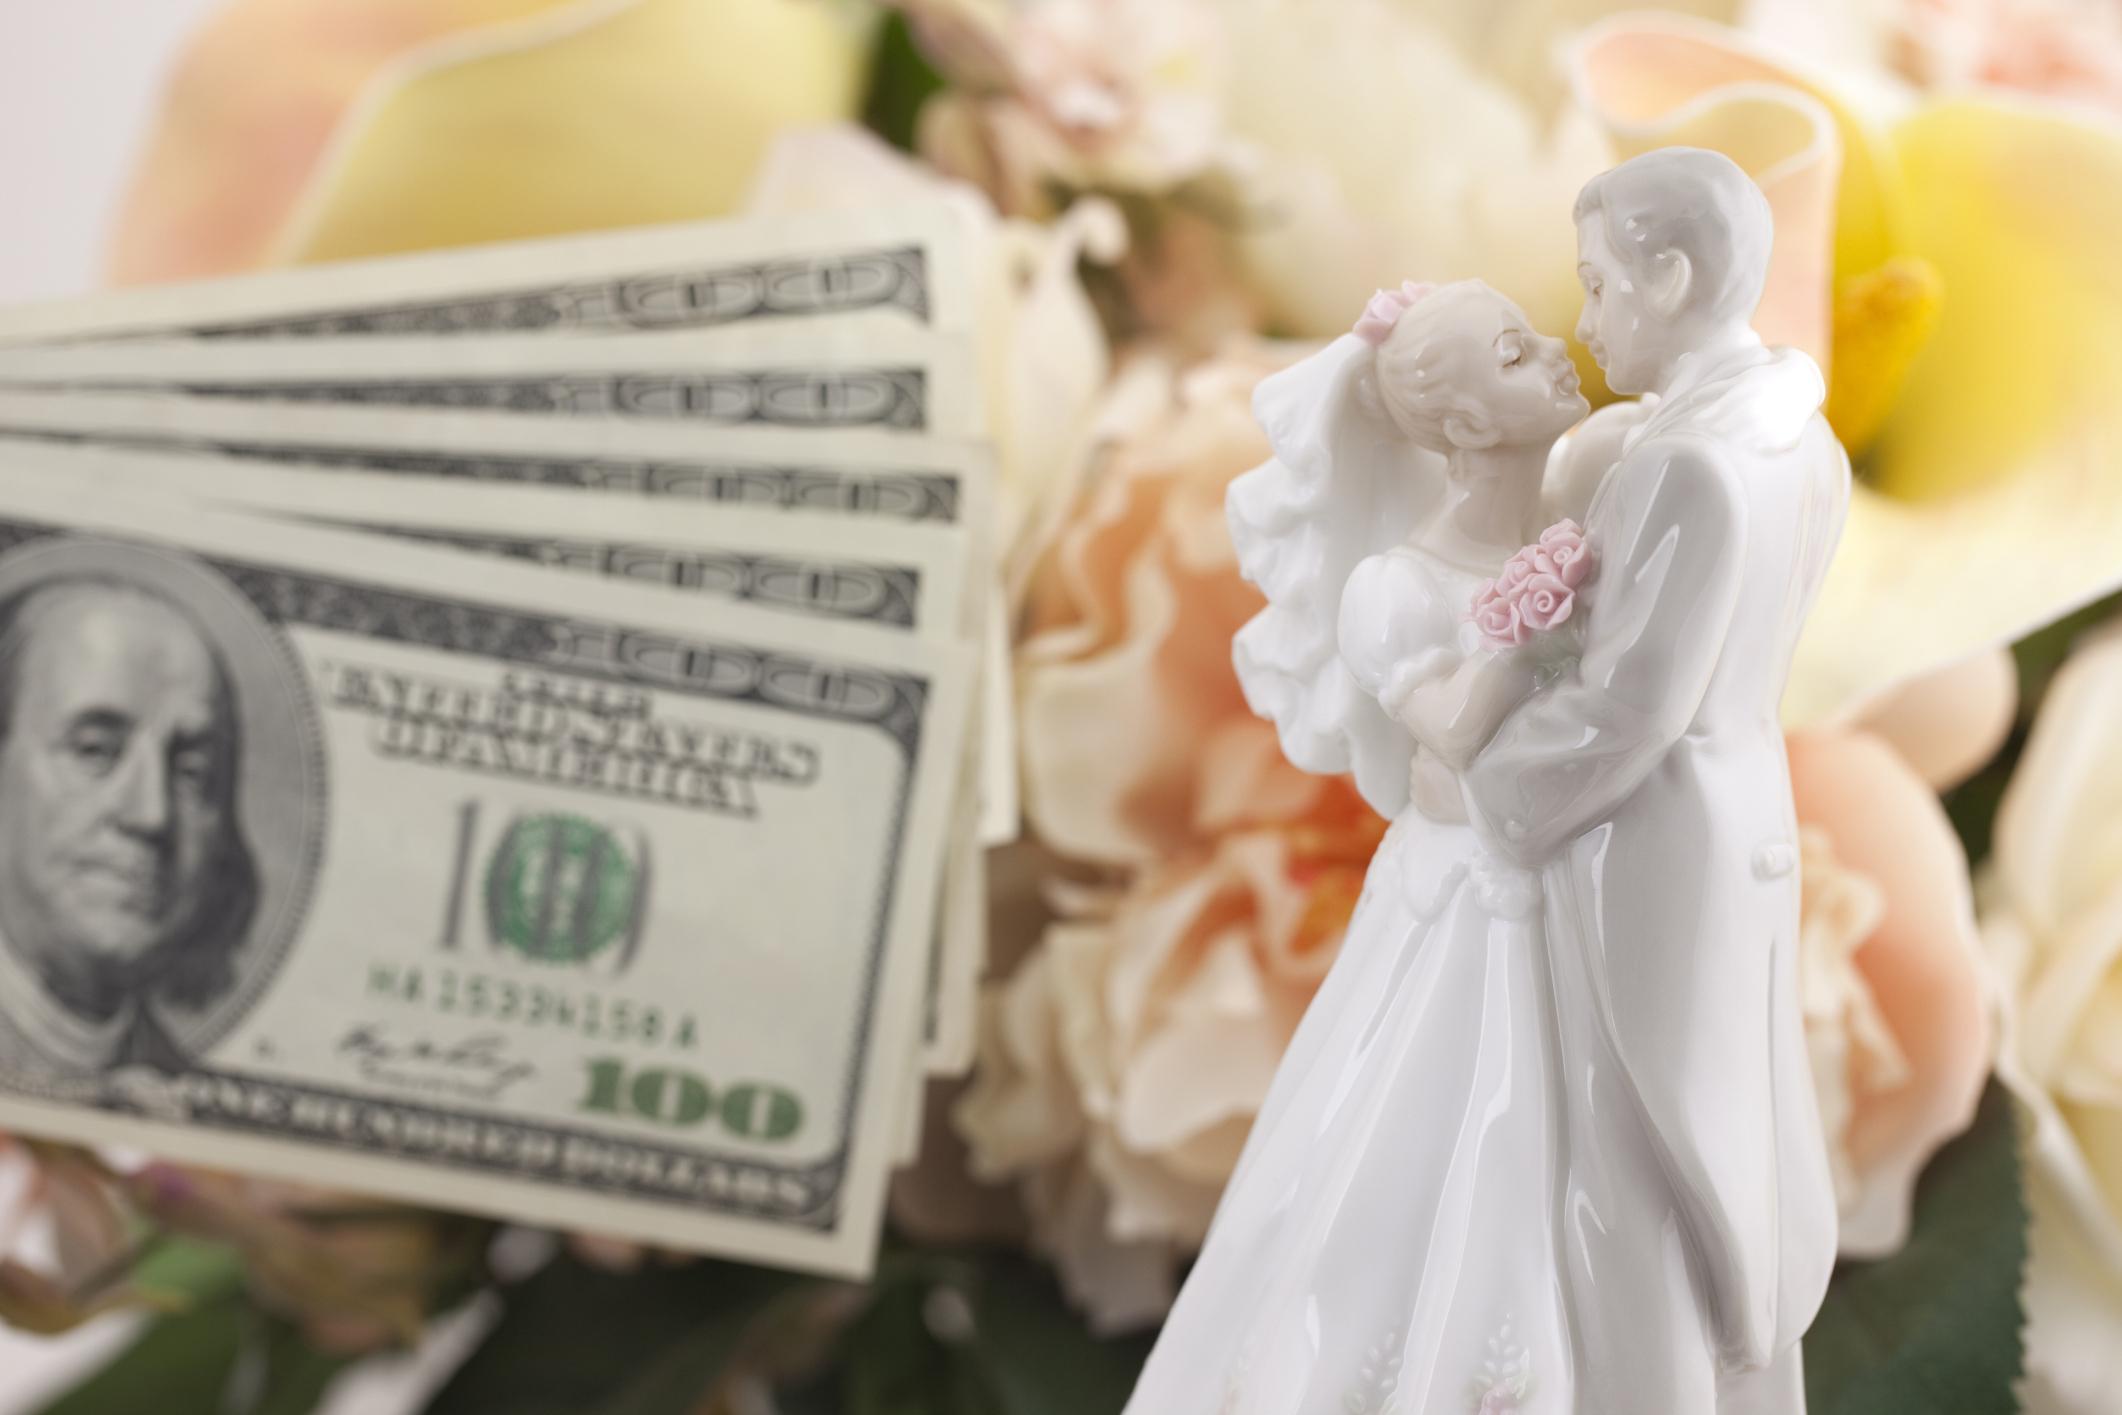 Фотографии в подарок на свадьбу